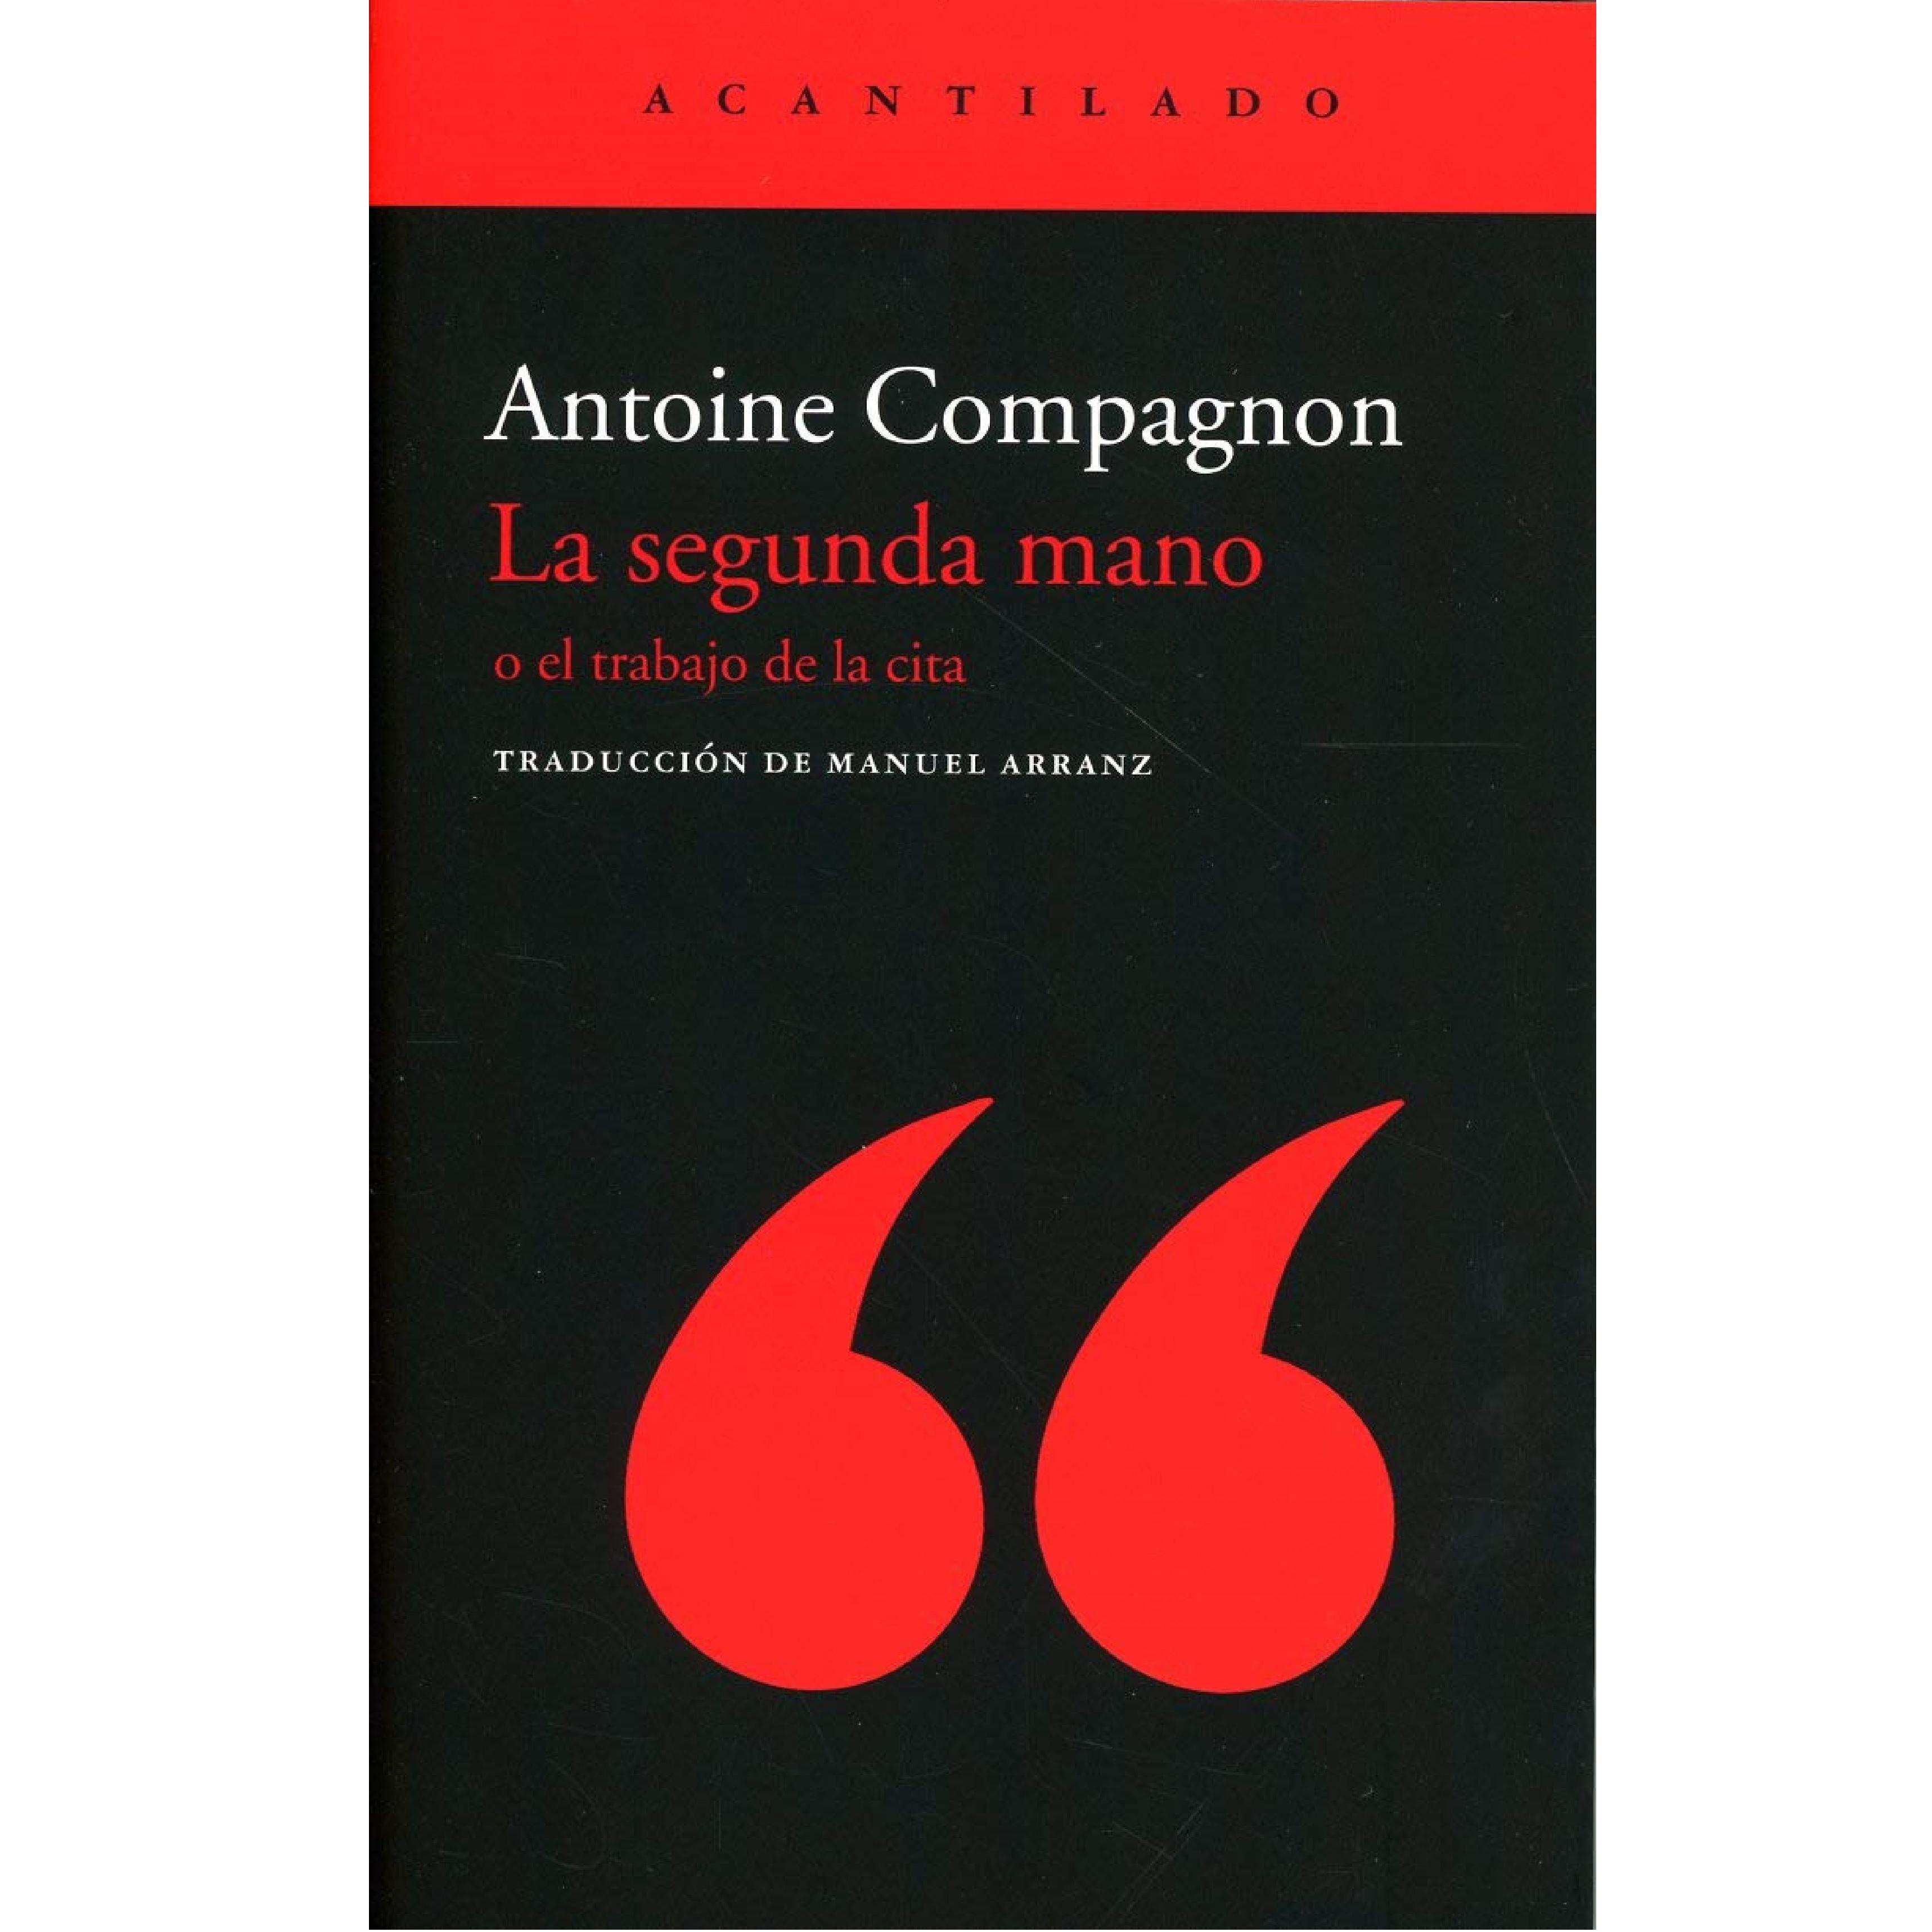 Portada de 'La segunda mano o el trabajo de la cita', de Antoine Compagnon.